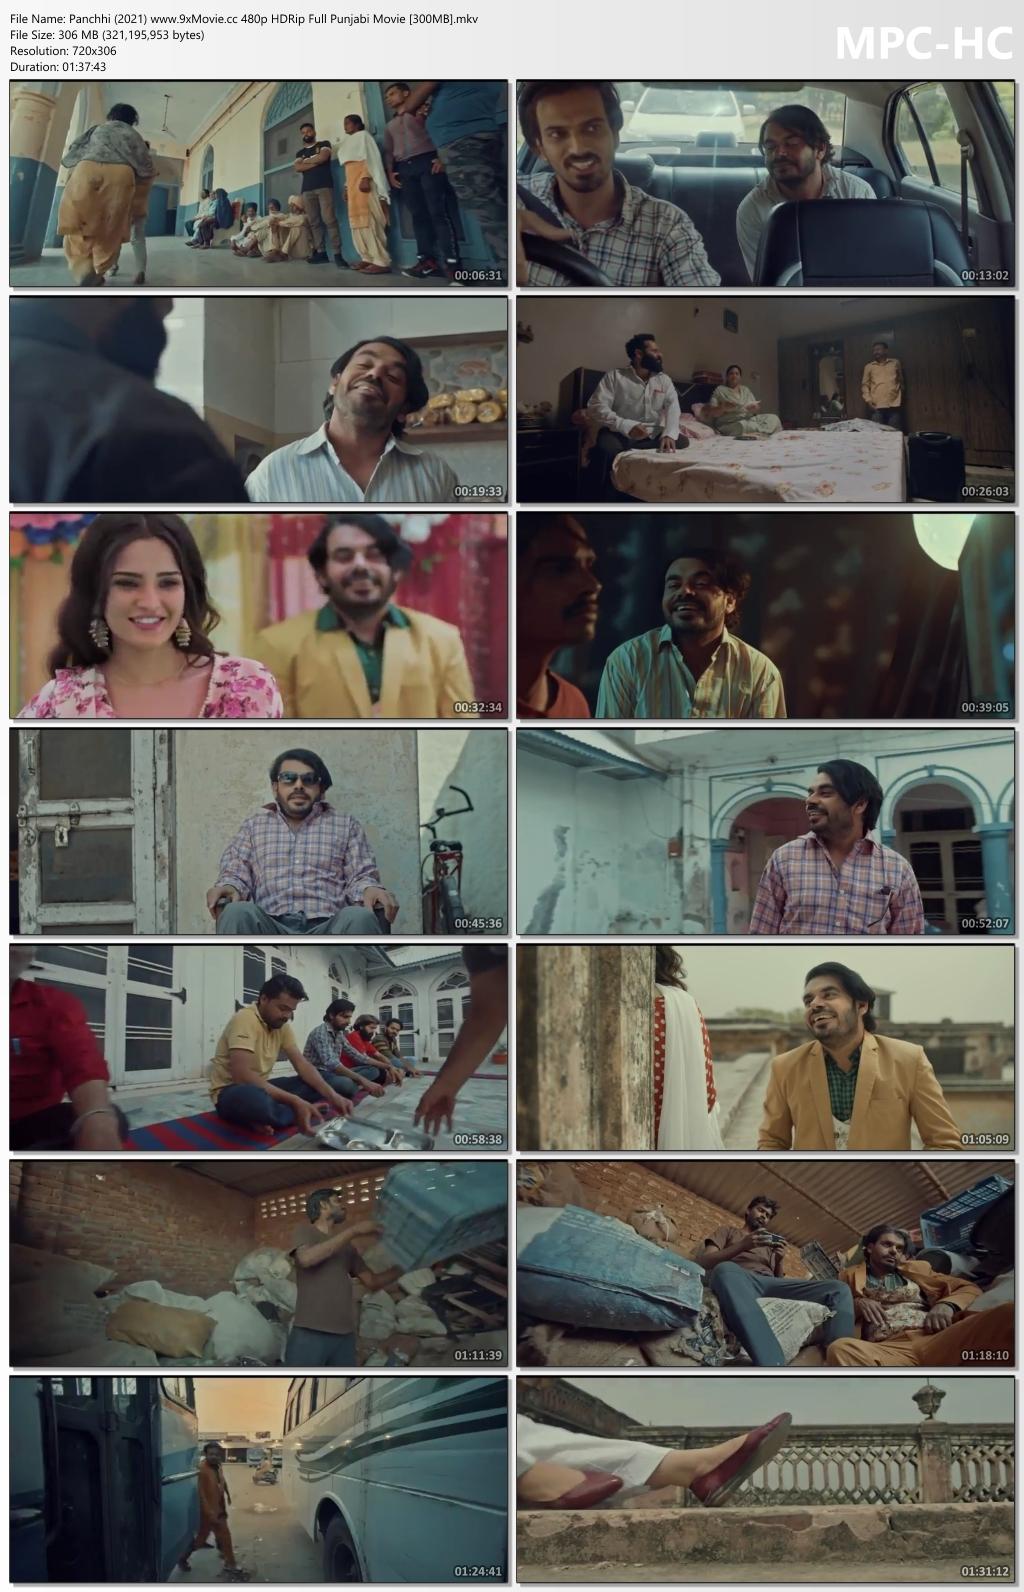 Panchhi-2021-www-9x-Movie-cc-480p-HDRip-Full-Punjabi-Movie-300-MB-mkv